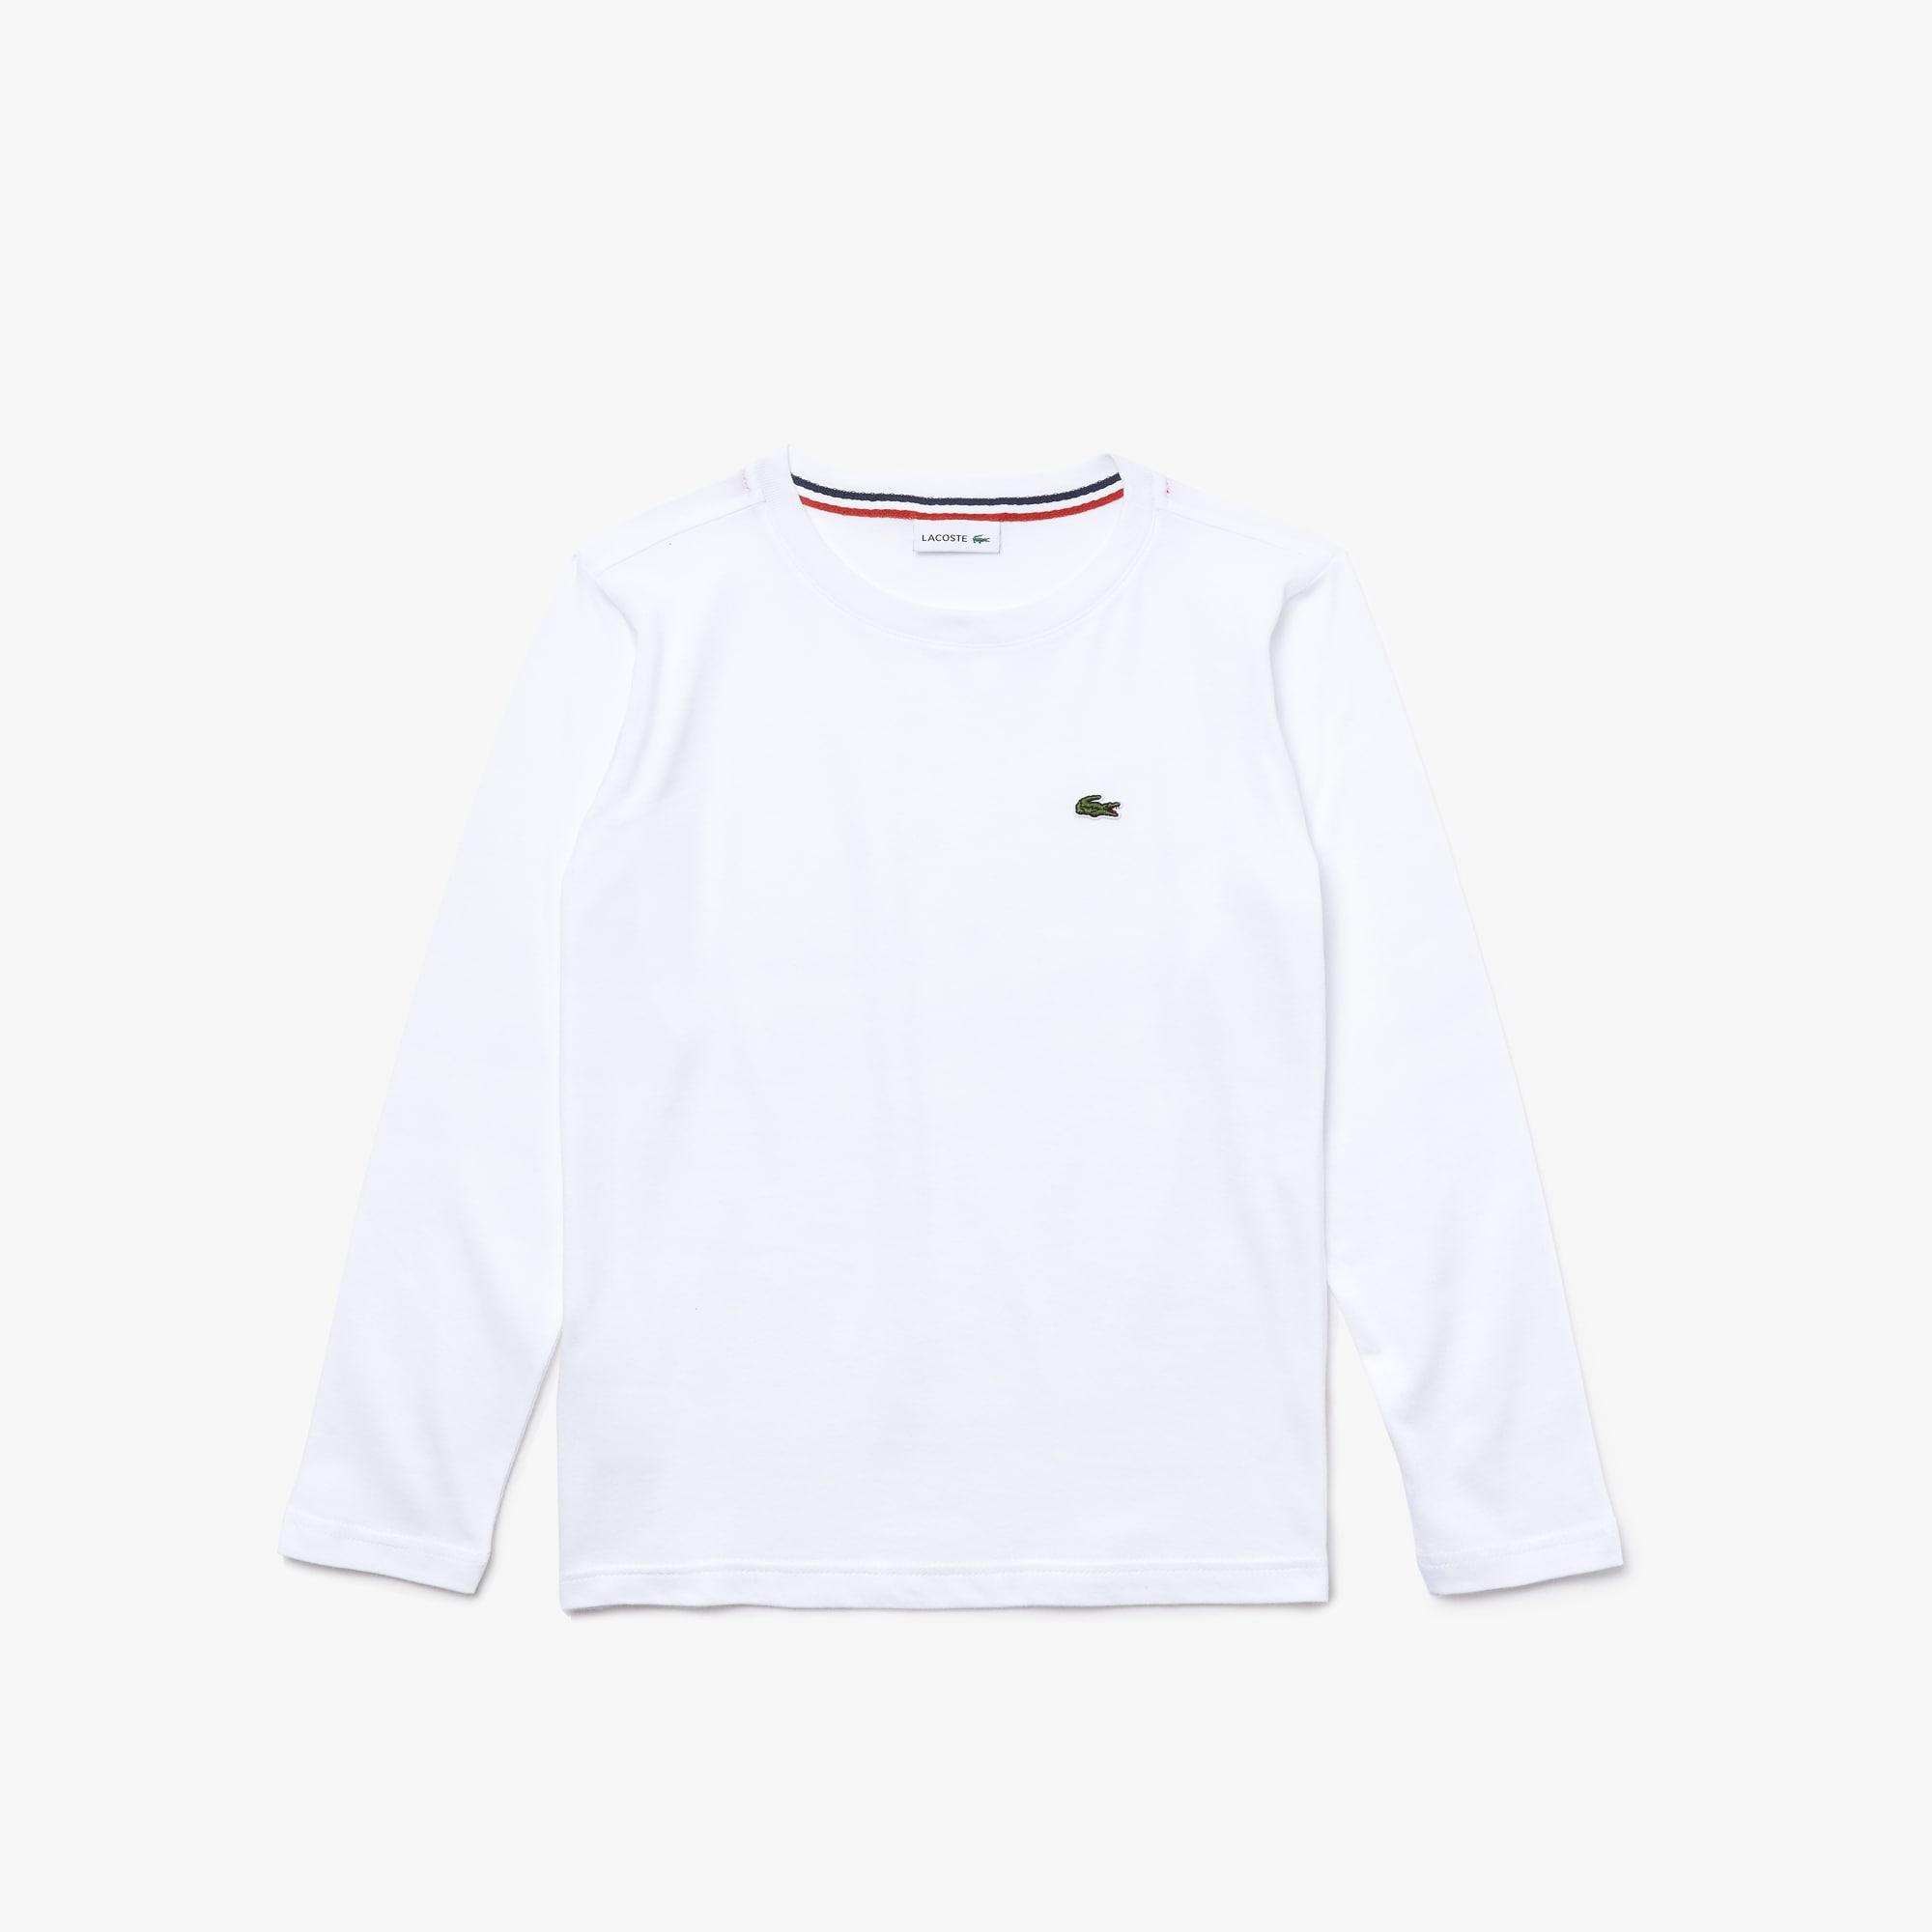 T-shirt Menino decote redondo de manga comprida em jersey unicolor